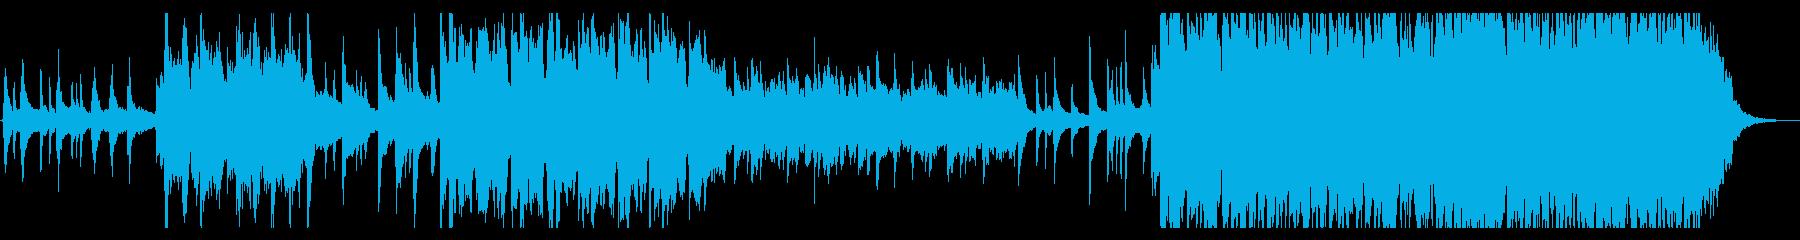 和風で幻想的なイメージのピアノと笛の再生済みの波形